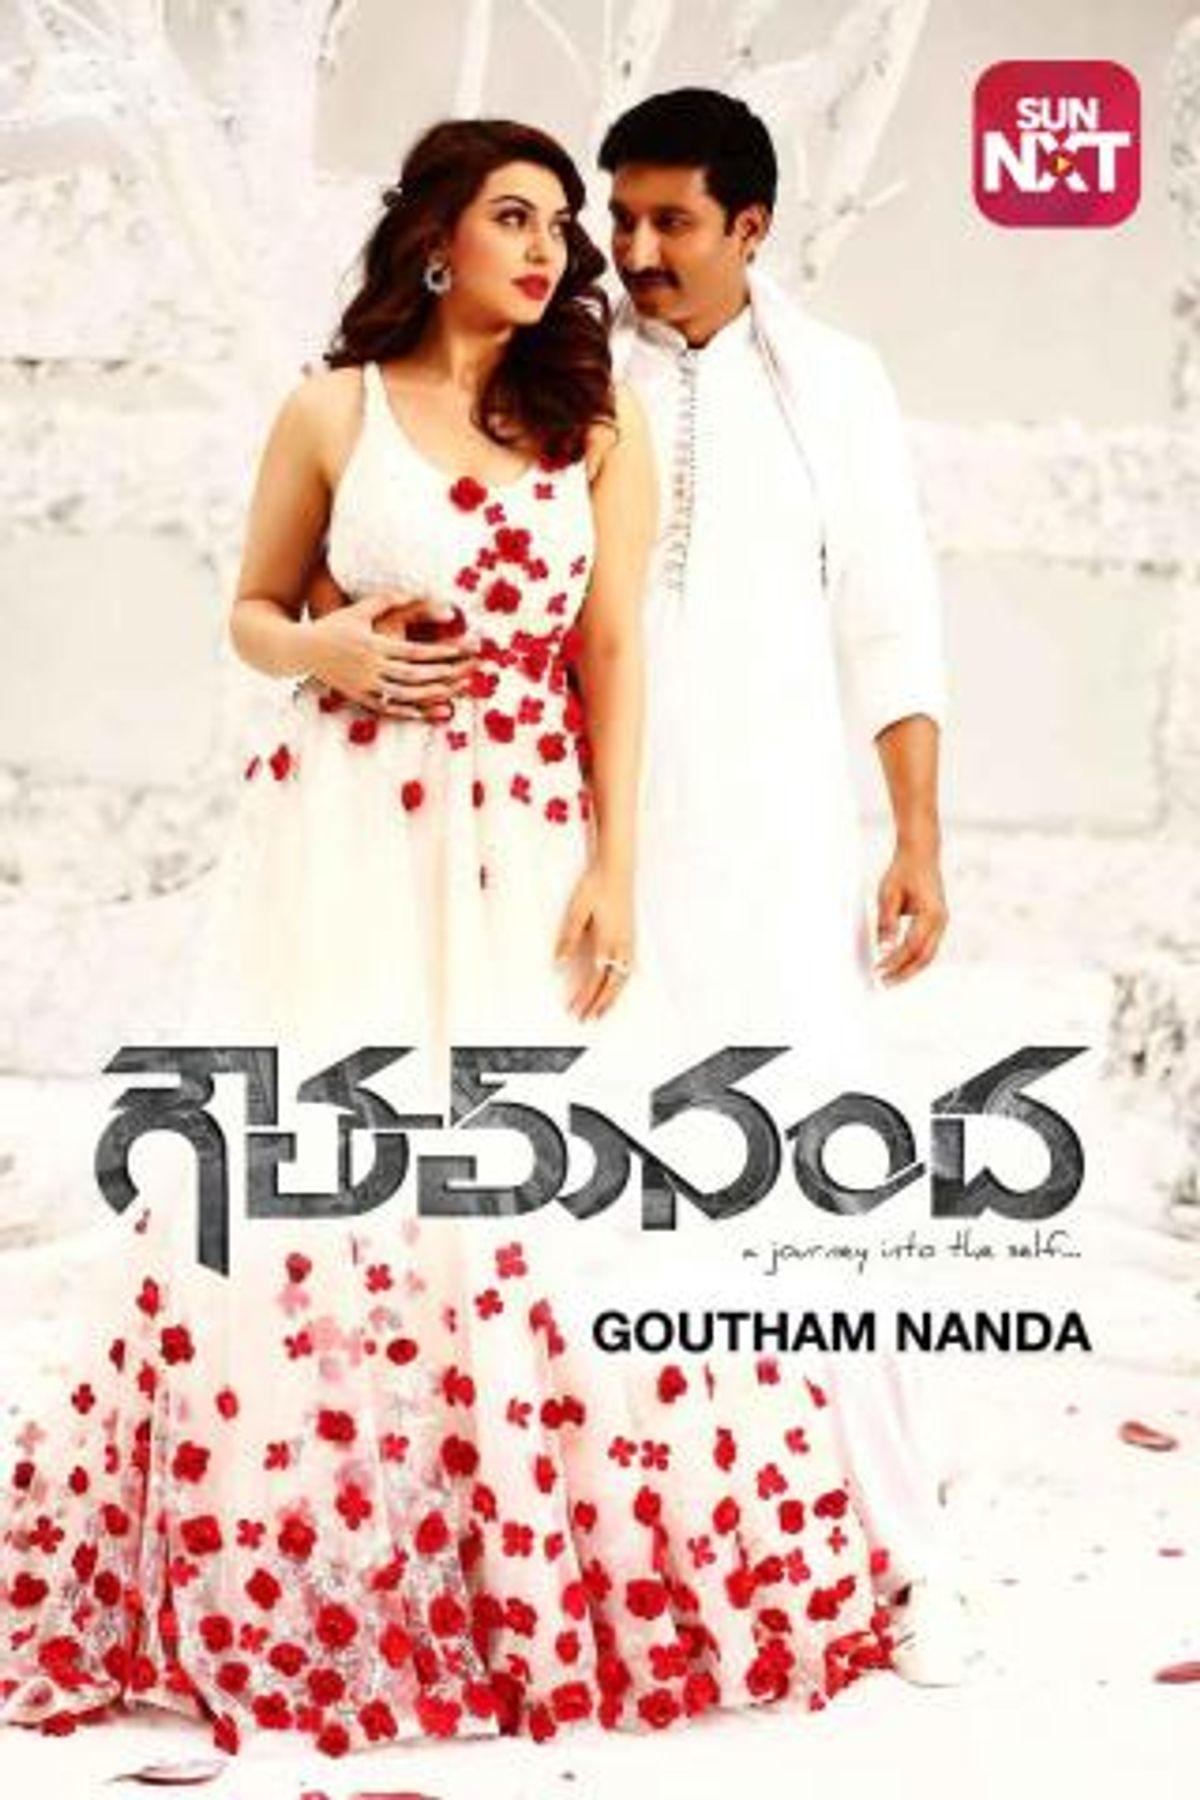 Goutham Nanda